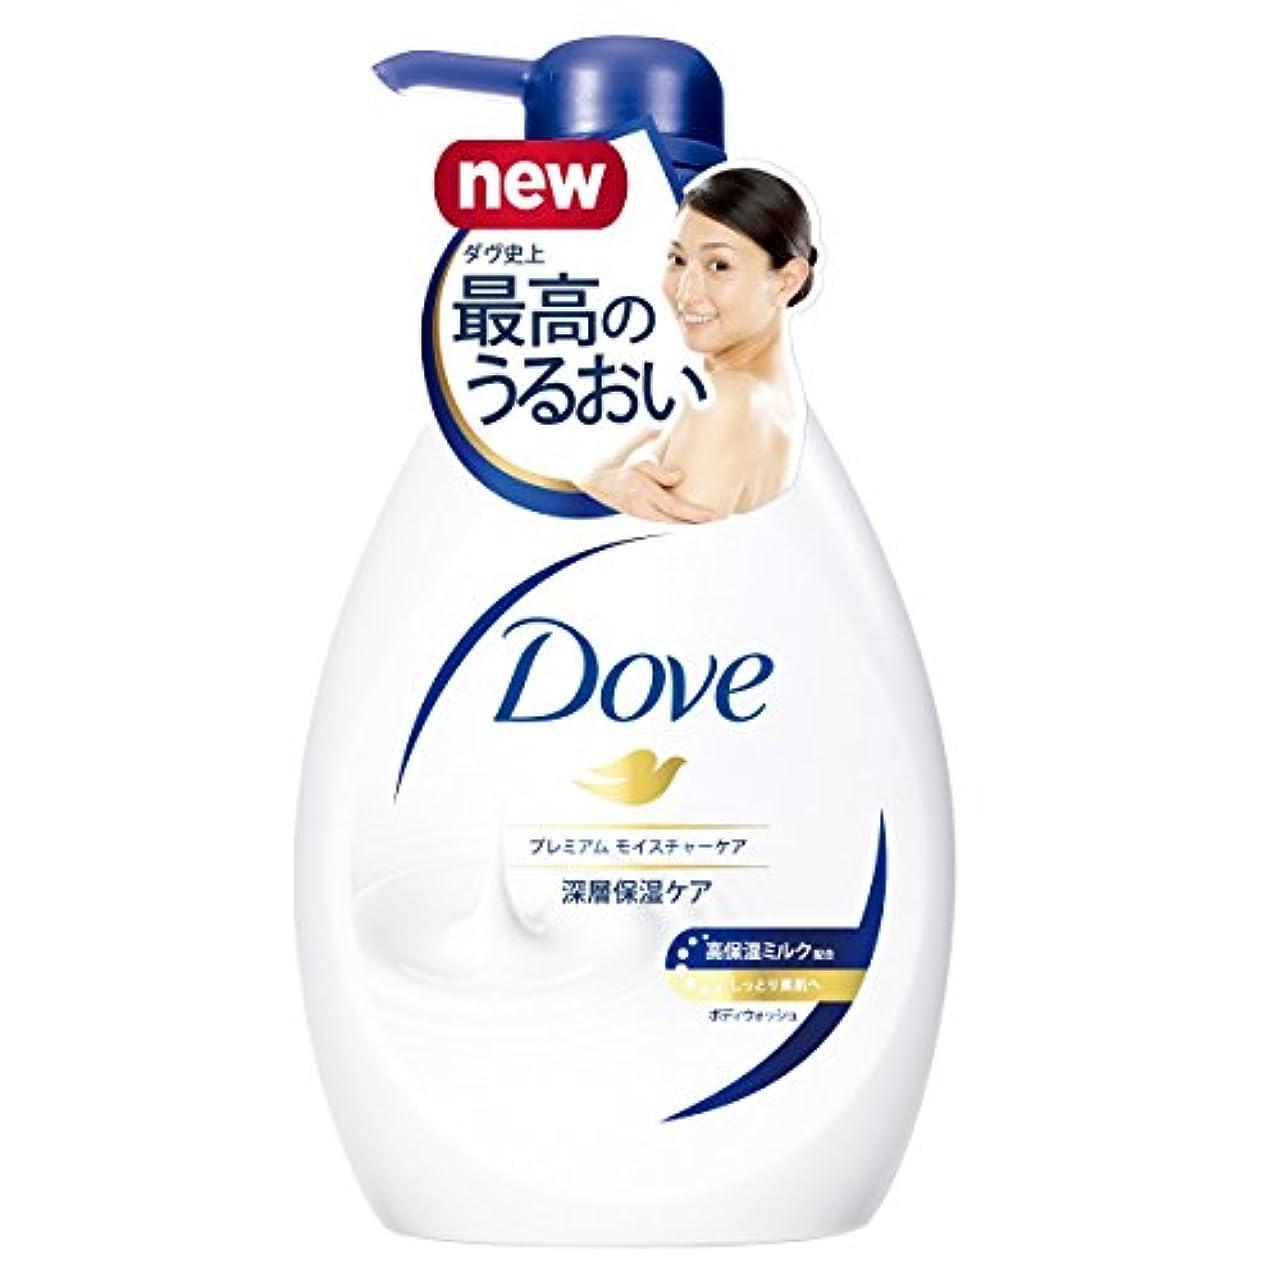 キャスト文献通訳Dove(ダヴ) ボディウォッシュ プレミアム モイスチャーケア ポンプ 500g